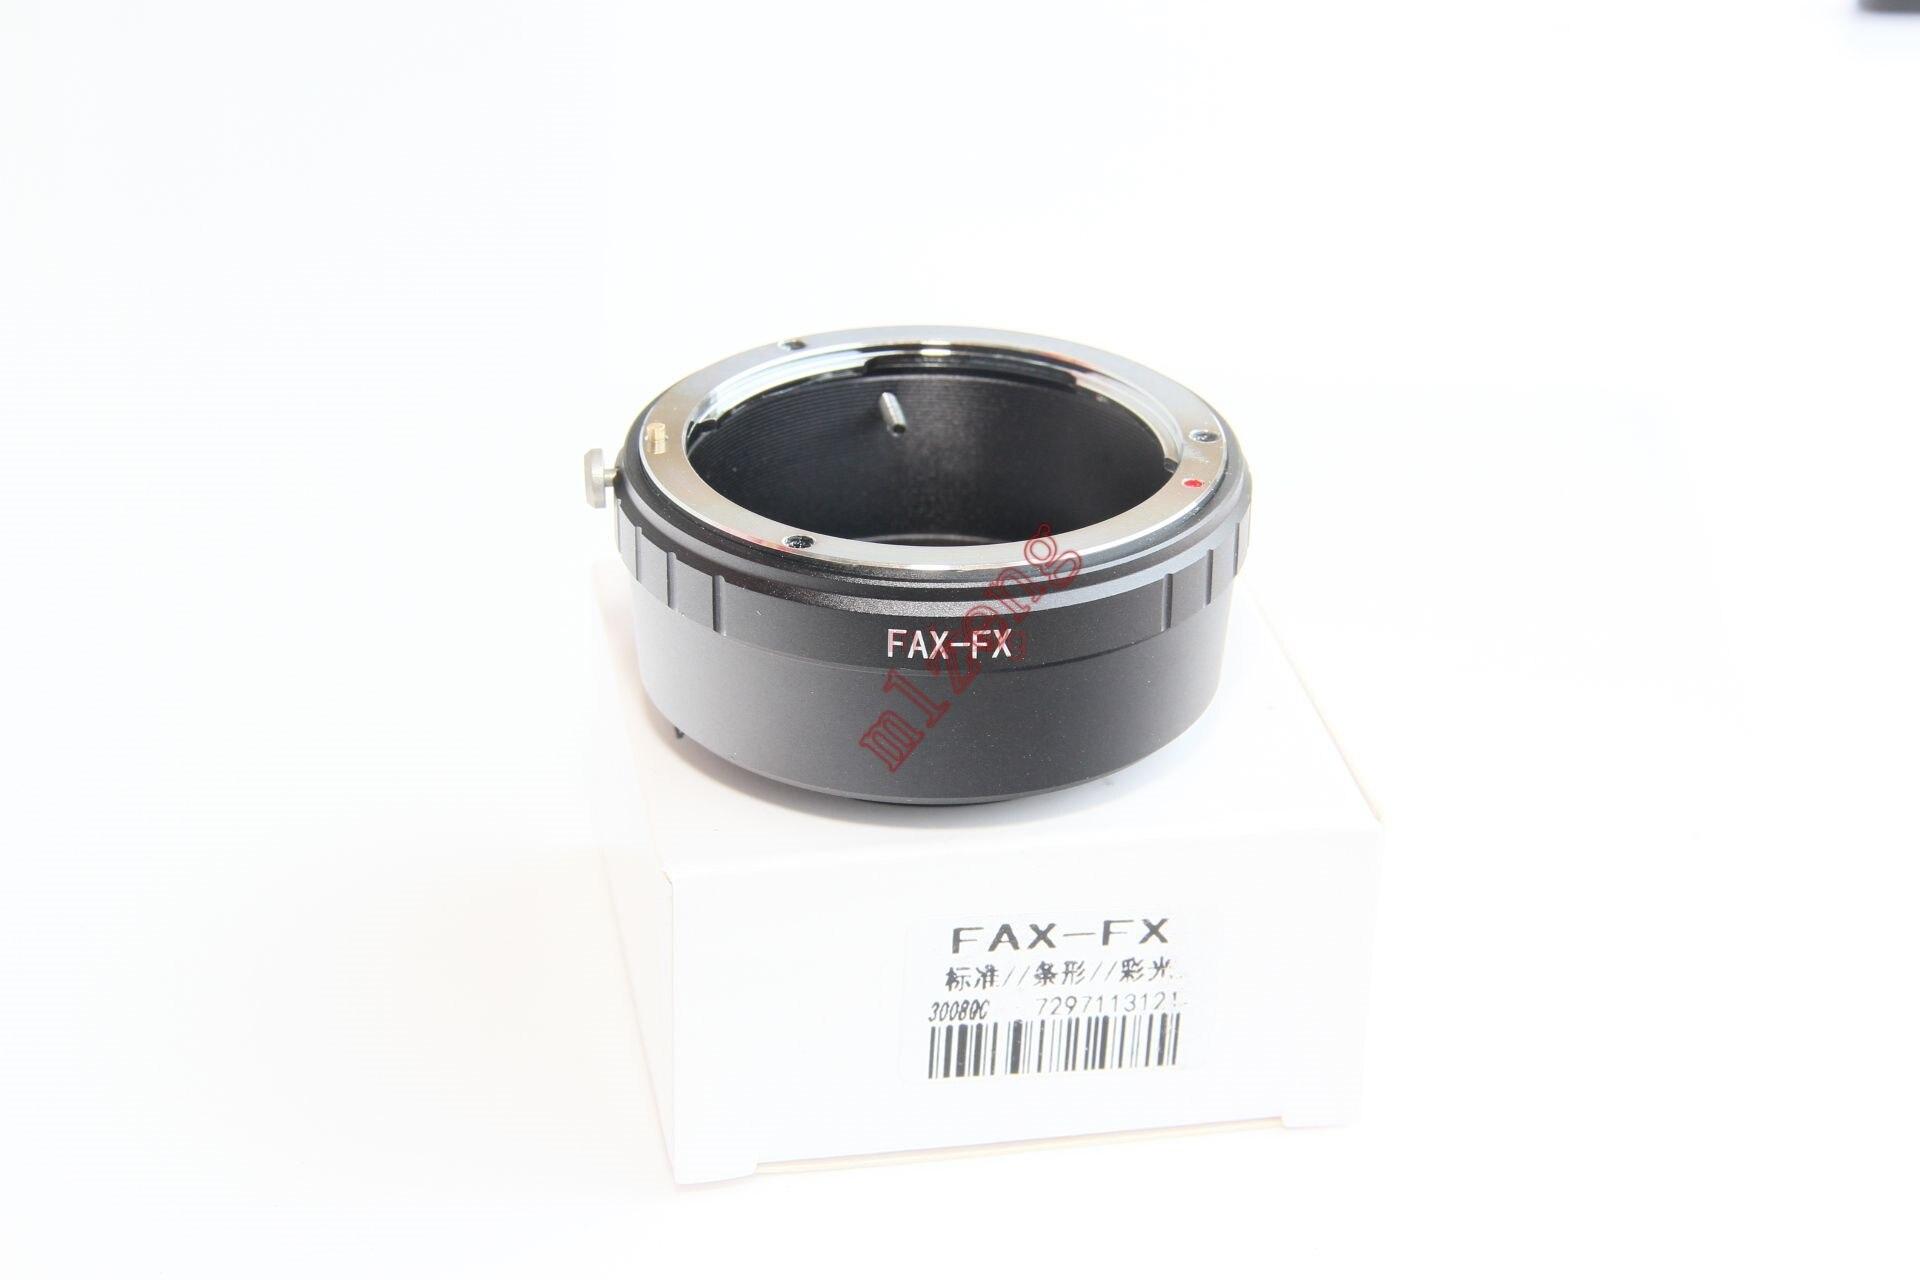 FAX fujica à fx bague d'adaptation d'objectif pour Fujifilm fuji X X-E2/X-E1/X-Pro1/X-M1/X-A2/X-A1/X-T1 xt2 xt10 xt20 xa3 xpro2 caméra